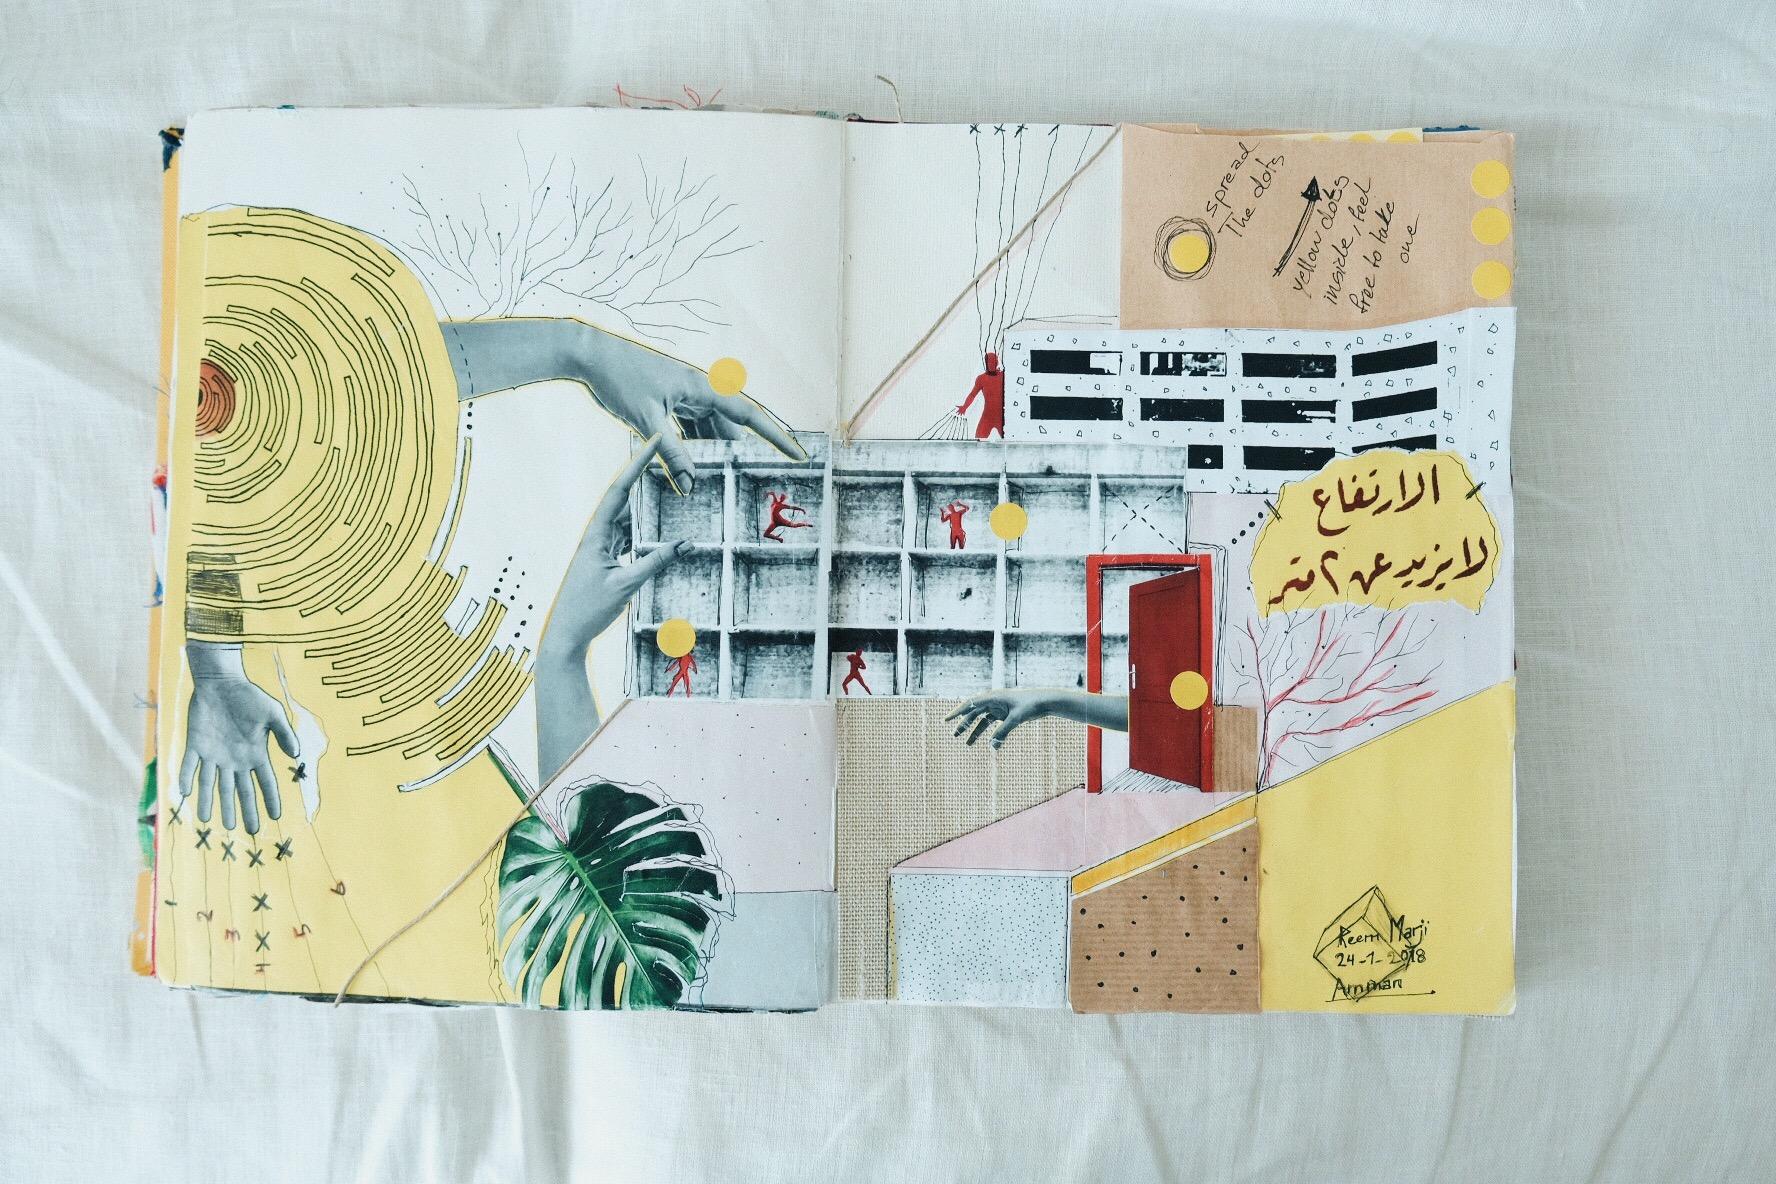 Work of Yazan Setabouha intersecting with Reem Marji